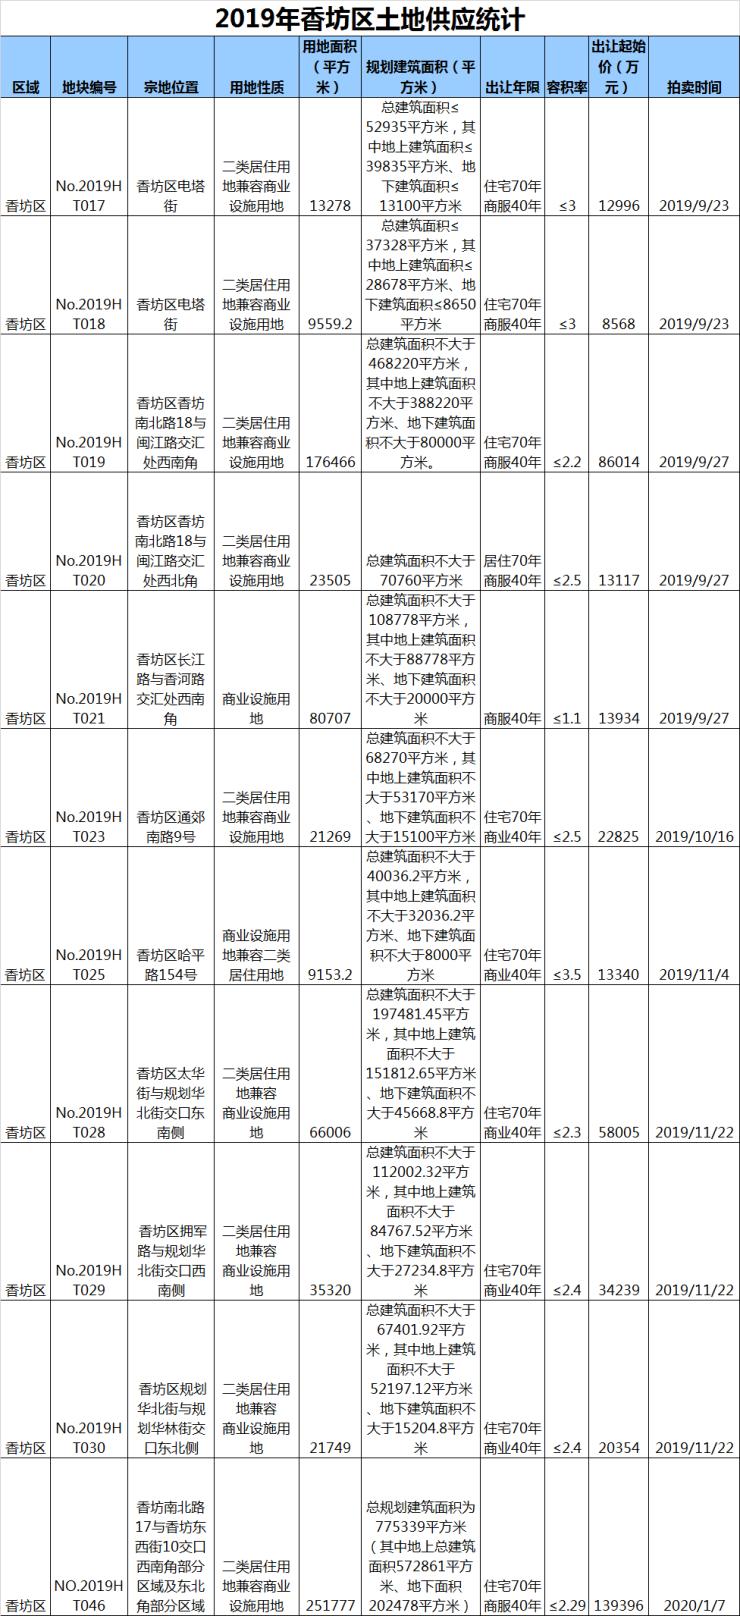 香坊土拍汇总:12宗地块33.27亿成交 配套升级获改善青睐